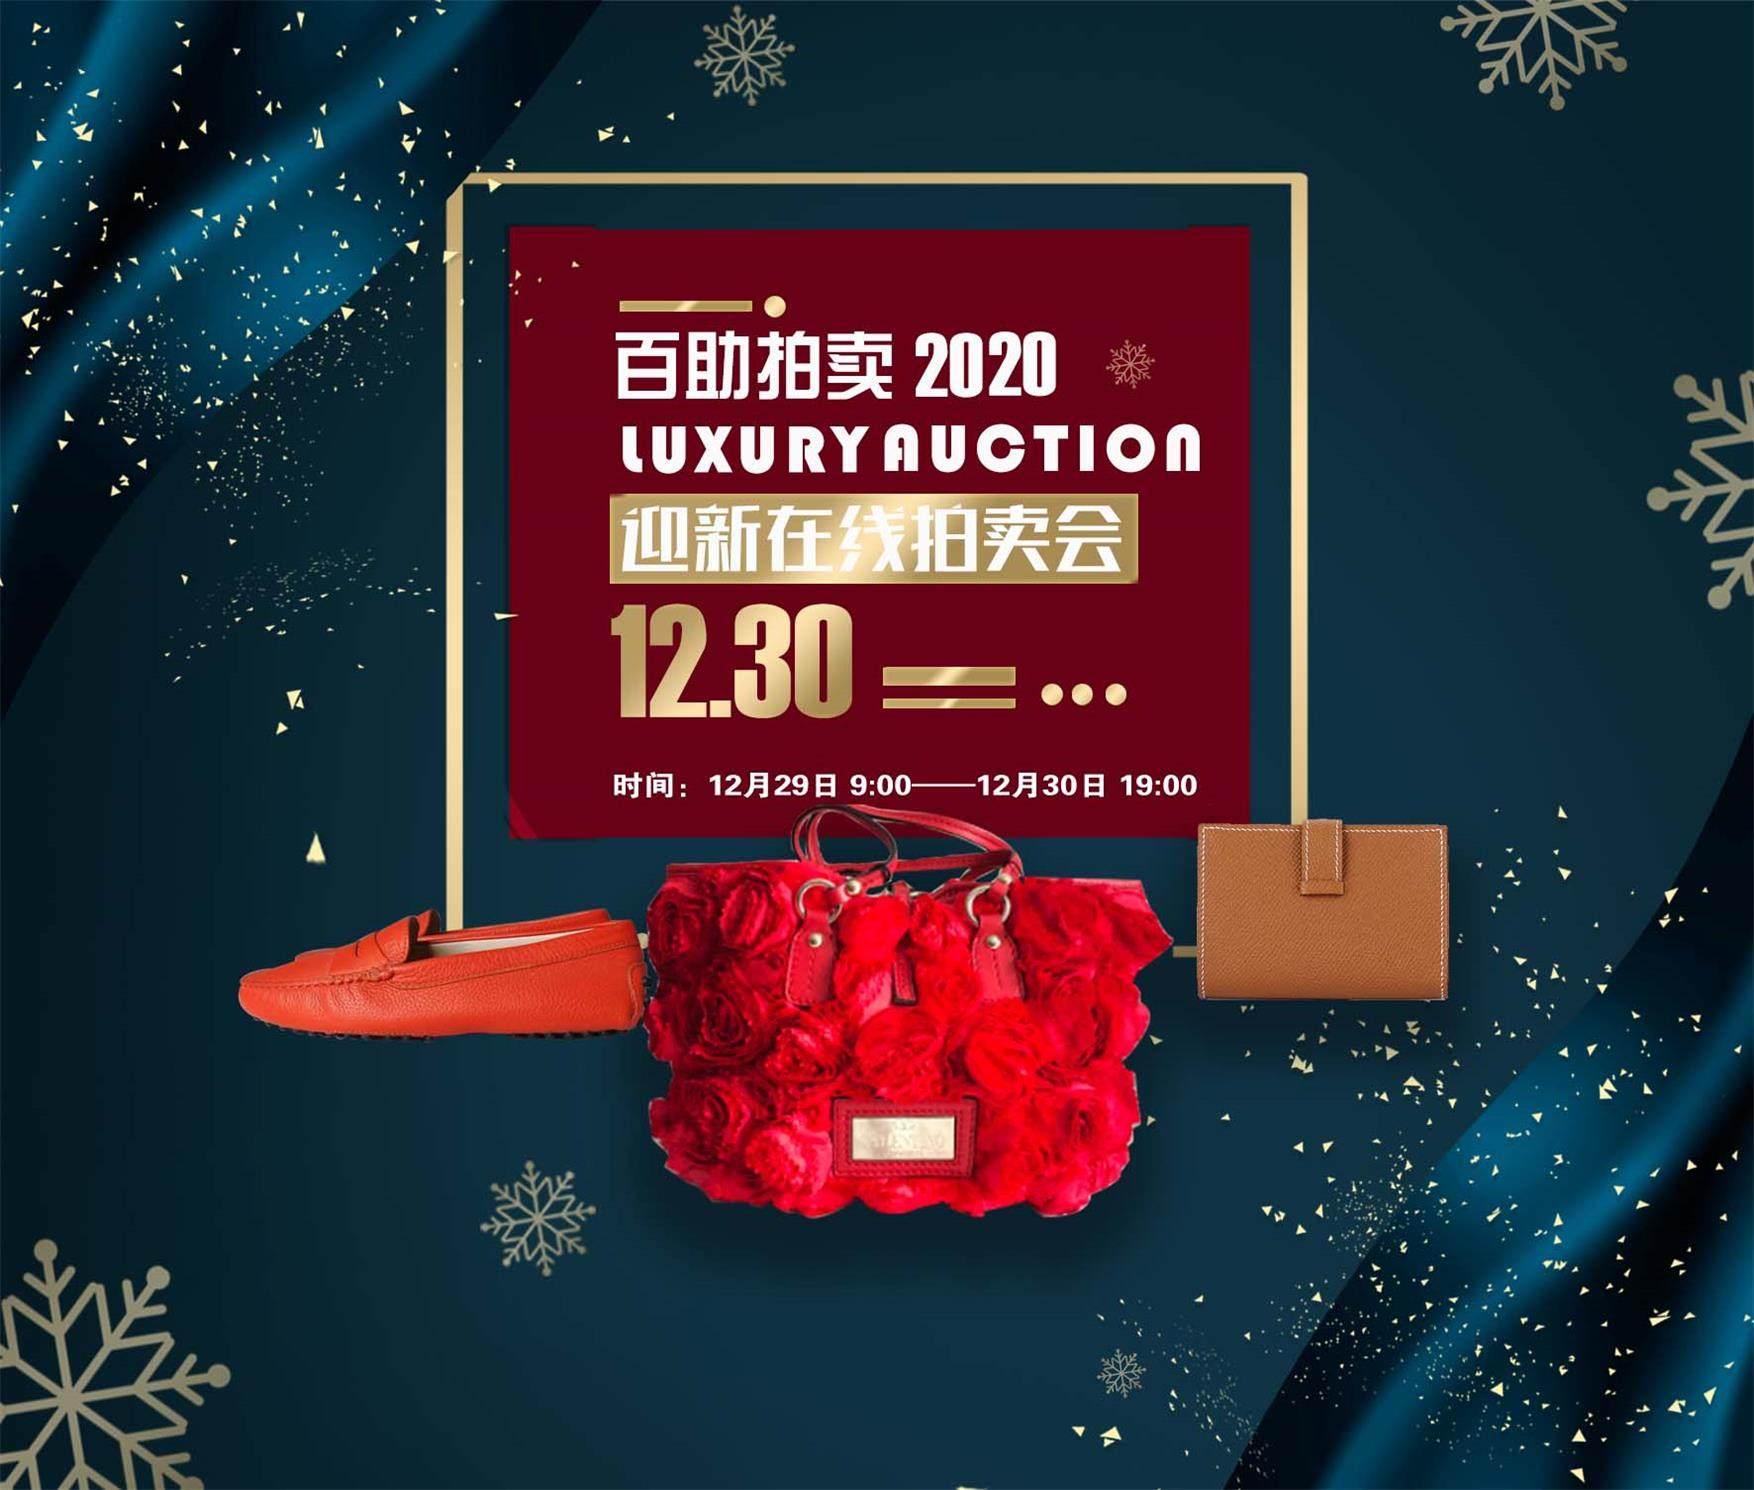 百助拍卖2020年12月30日奢侈品拍卖会公告